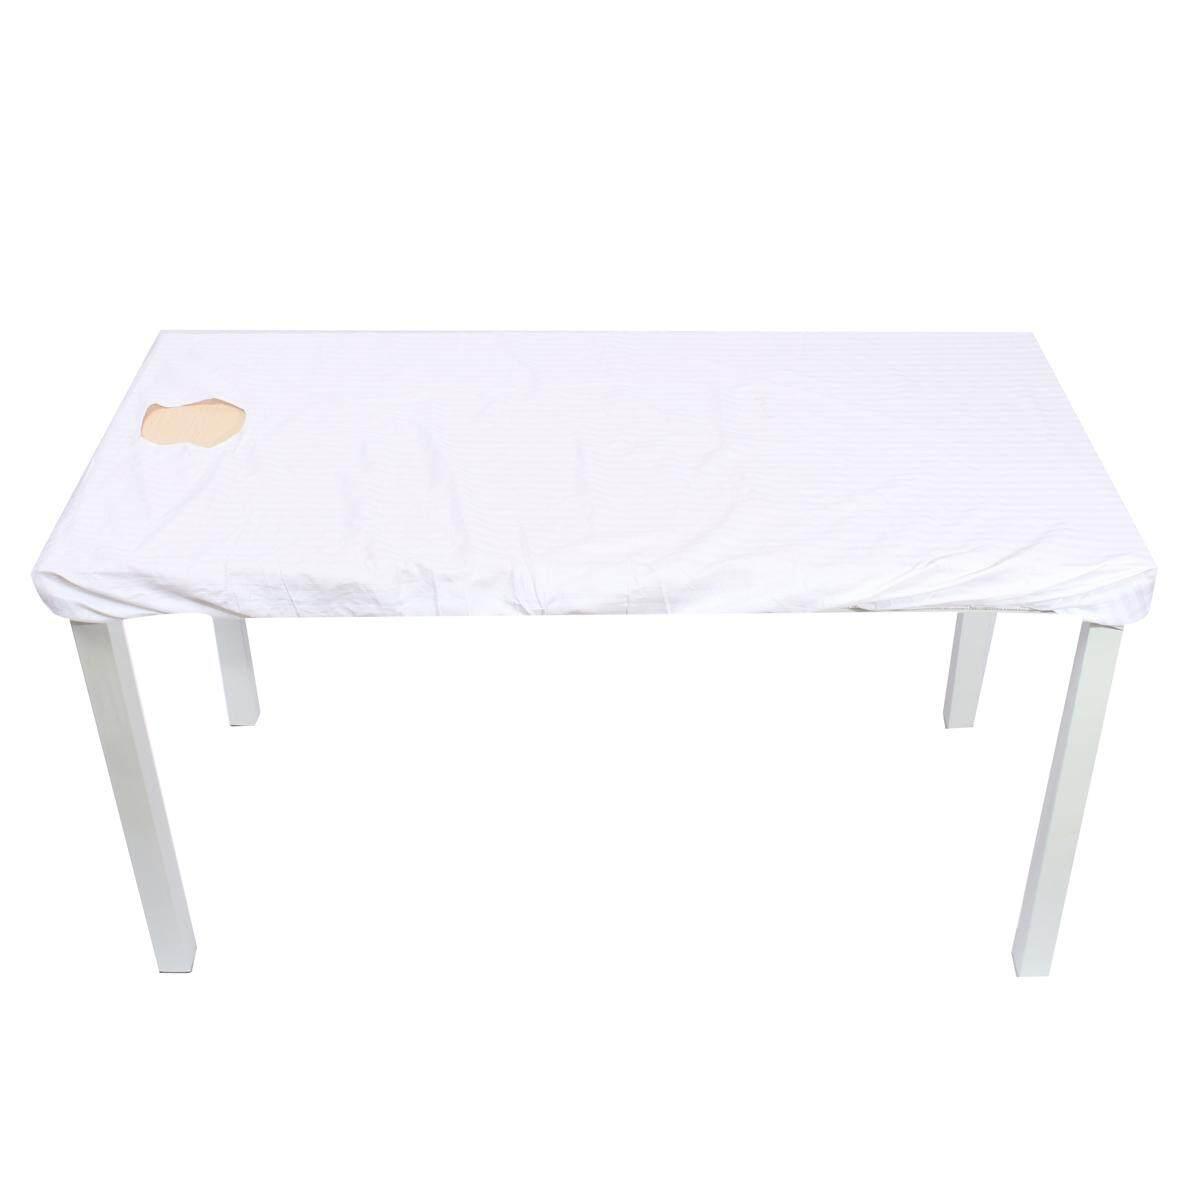 Jenis: bantalan kursi, bantal punggung. Close. 0. 0.0. S4F 190X70 Cm Matras Pijat Kecantikan Alas Pengobatan Penutup Sofa dengan Napas Lubang Putih-Intl